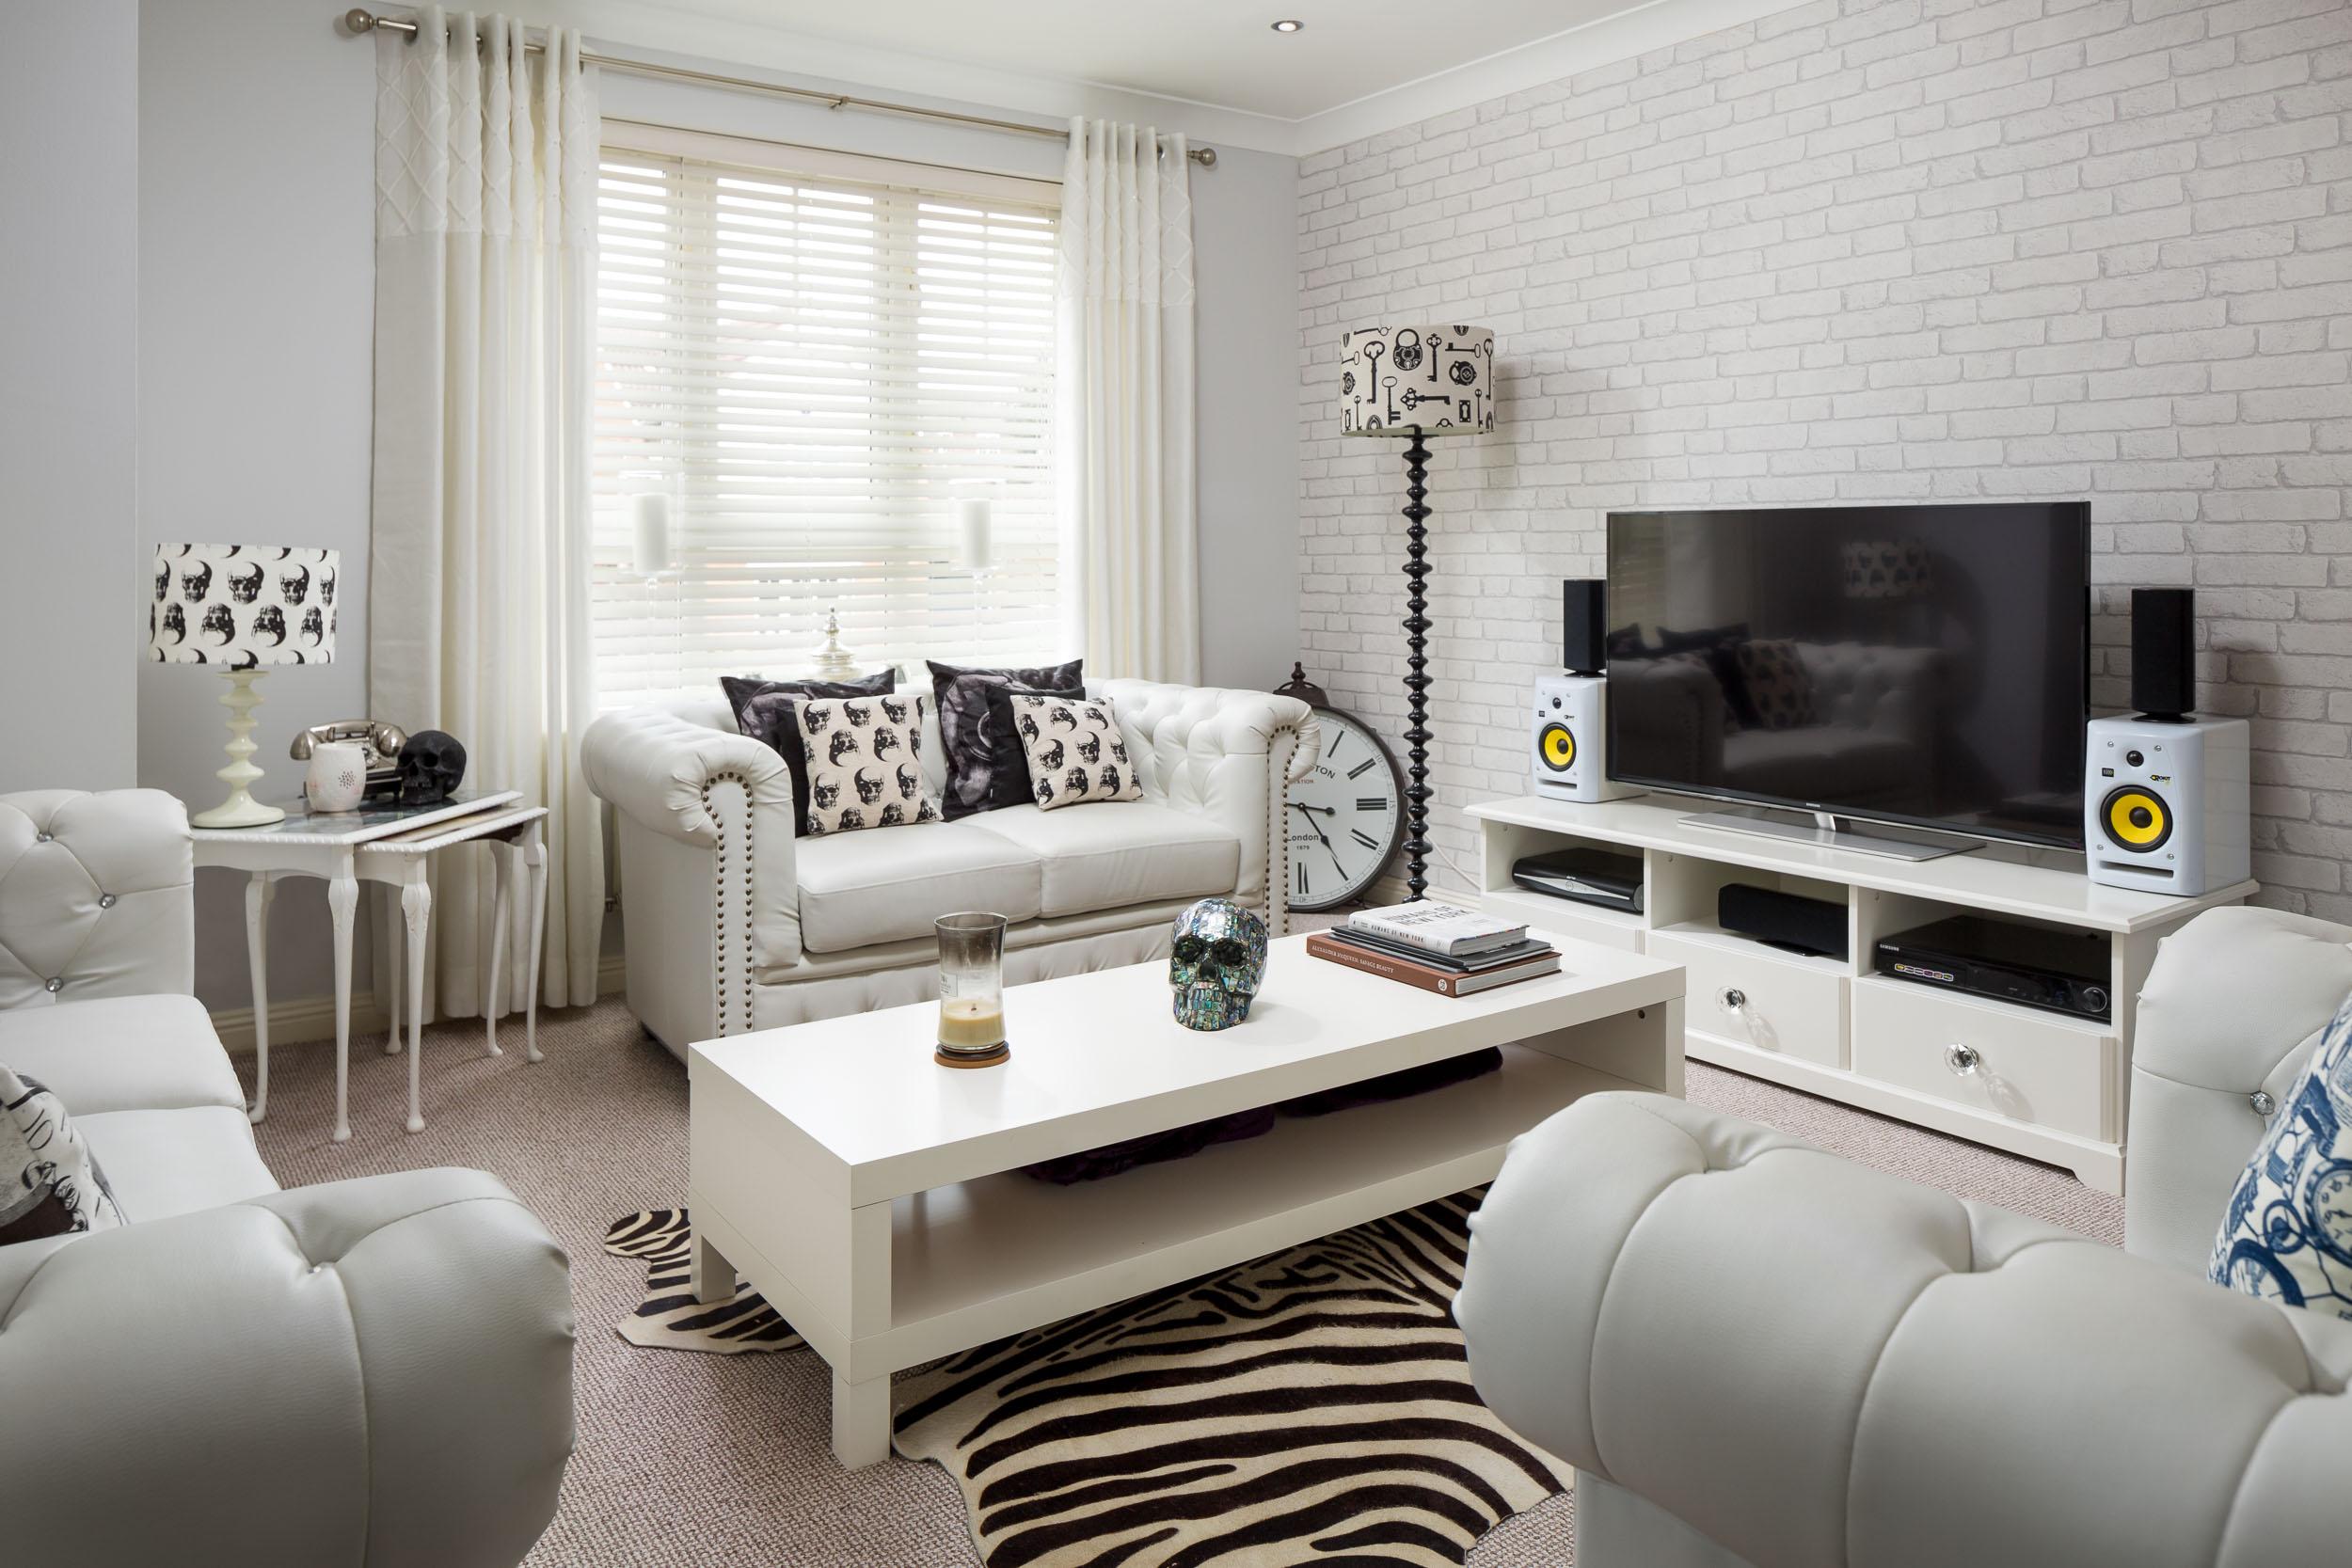 residential interior lounge wakefield.jpg